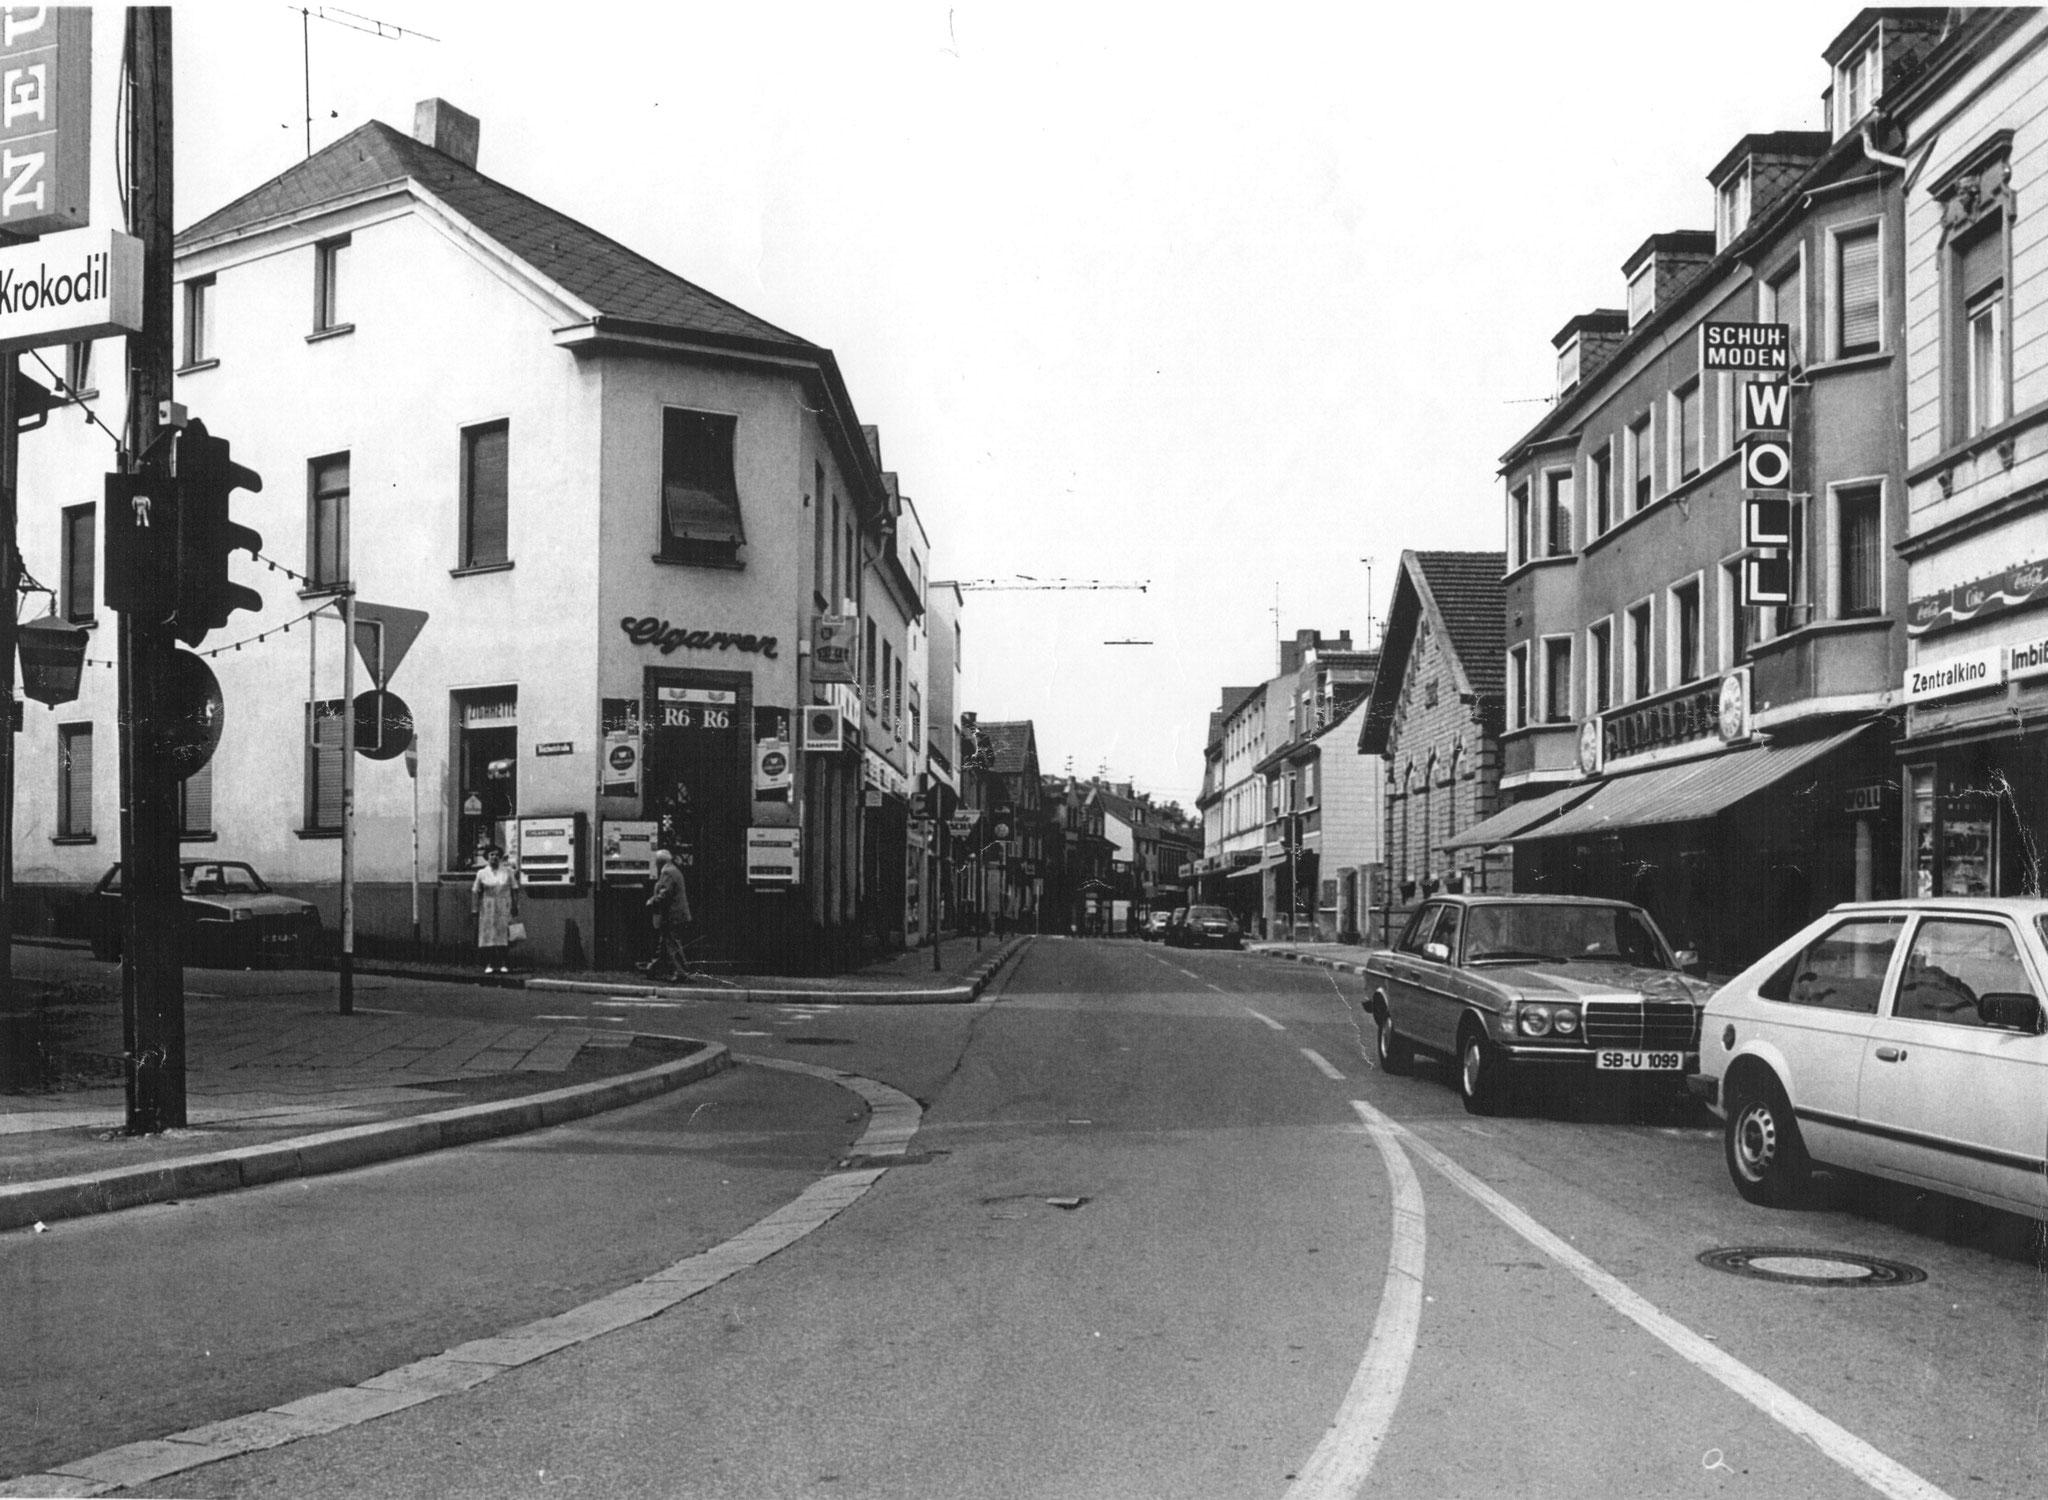 um 1980 rechts Schuh-Woll und Flohkino